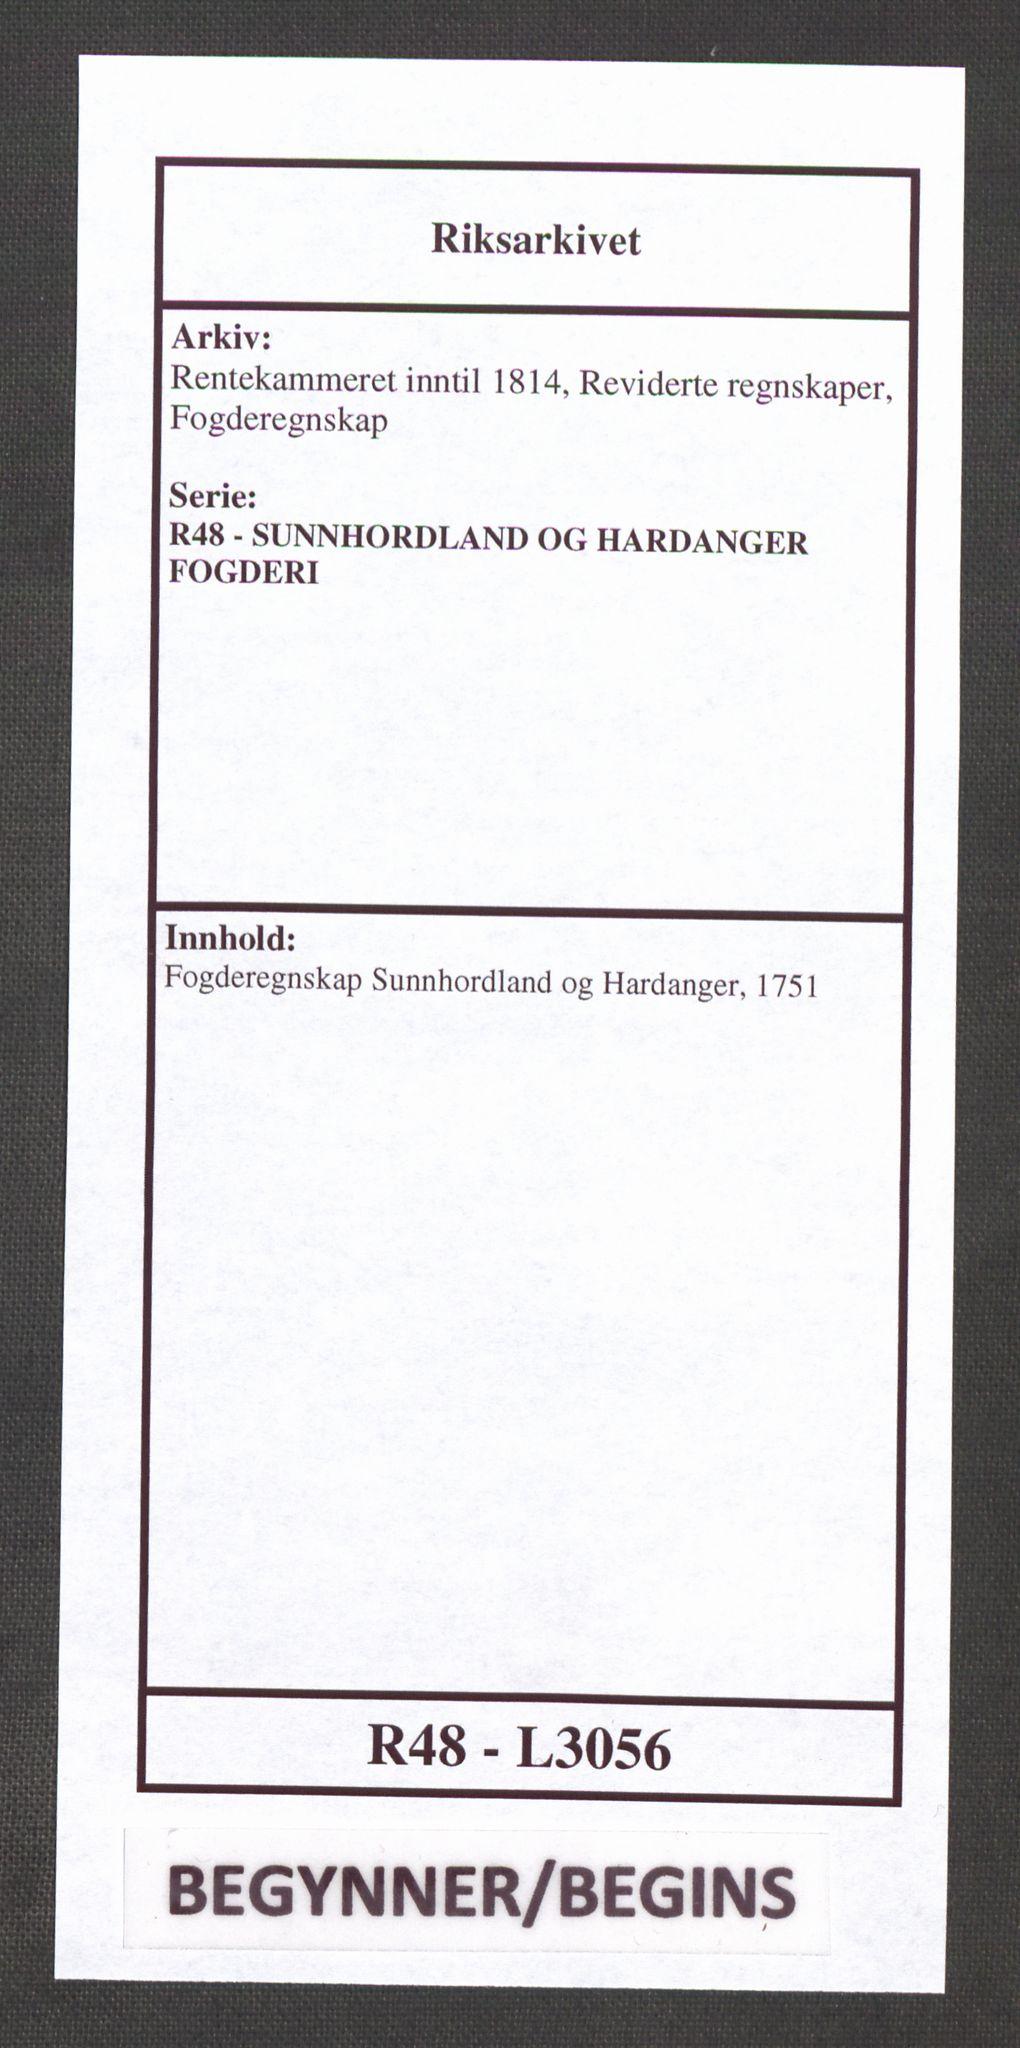 RA, Rentekammeret inntil 1814, Reviderte regnskaper, Fogderegnskap, R48/L3056: Fogderegnskap Sunnhordland og Hardanger, 1751, s. 1